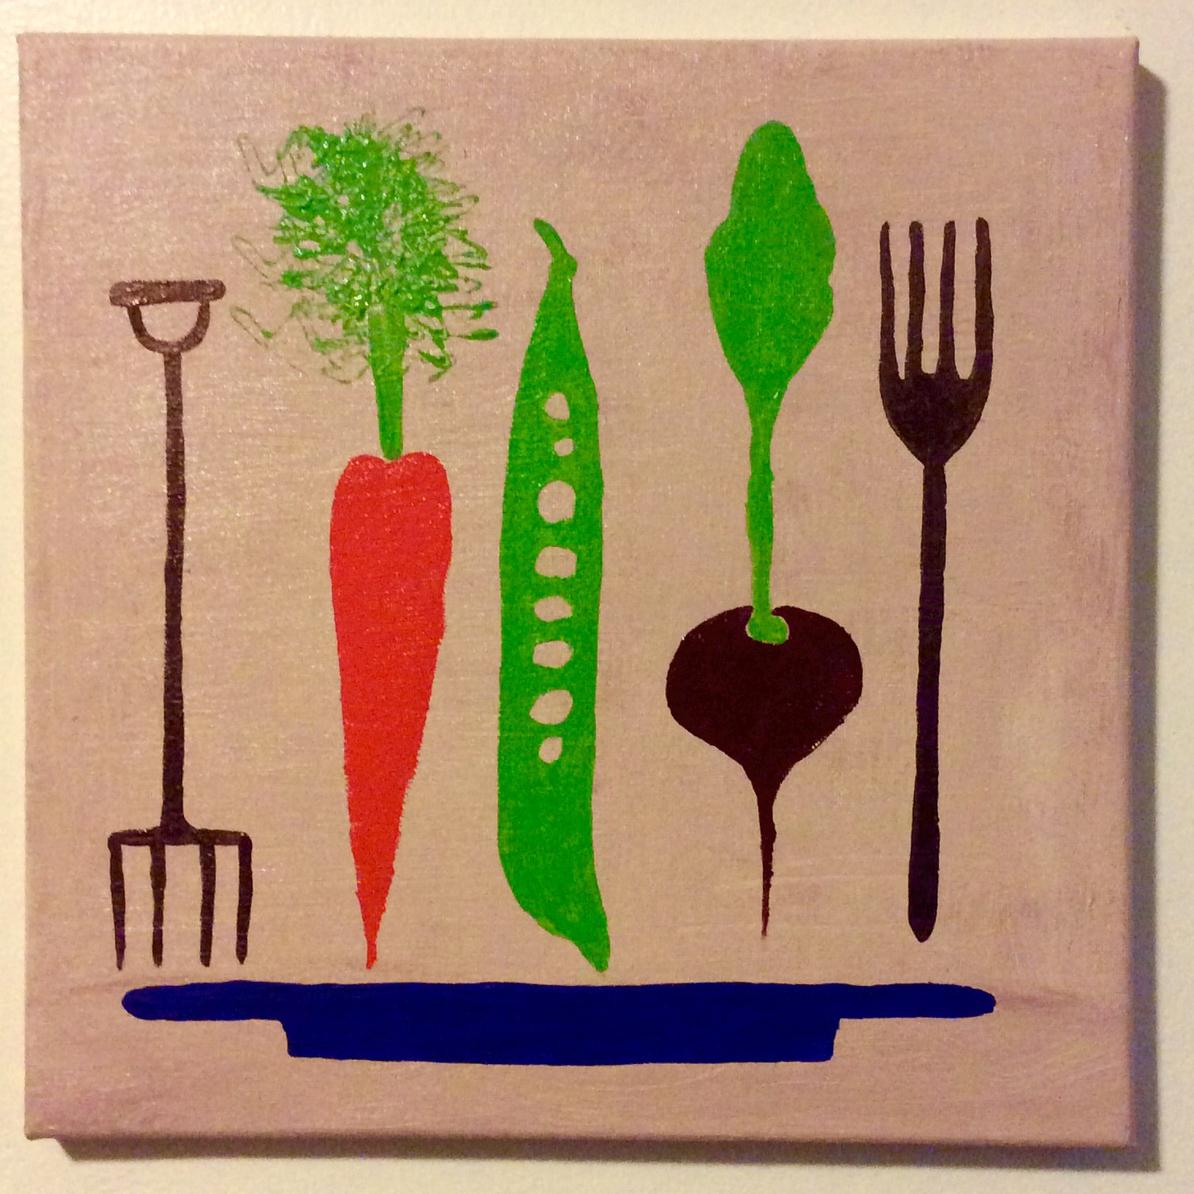 cream_foodshed_logo_painting.JPG